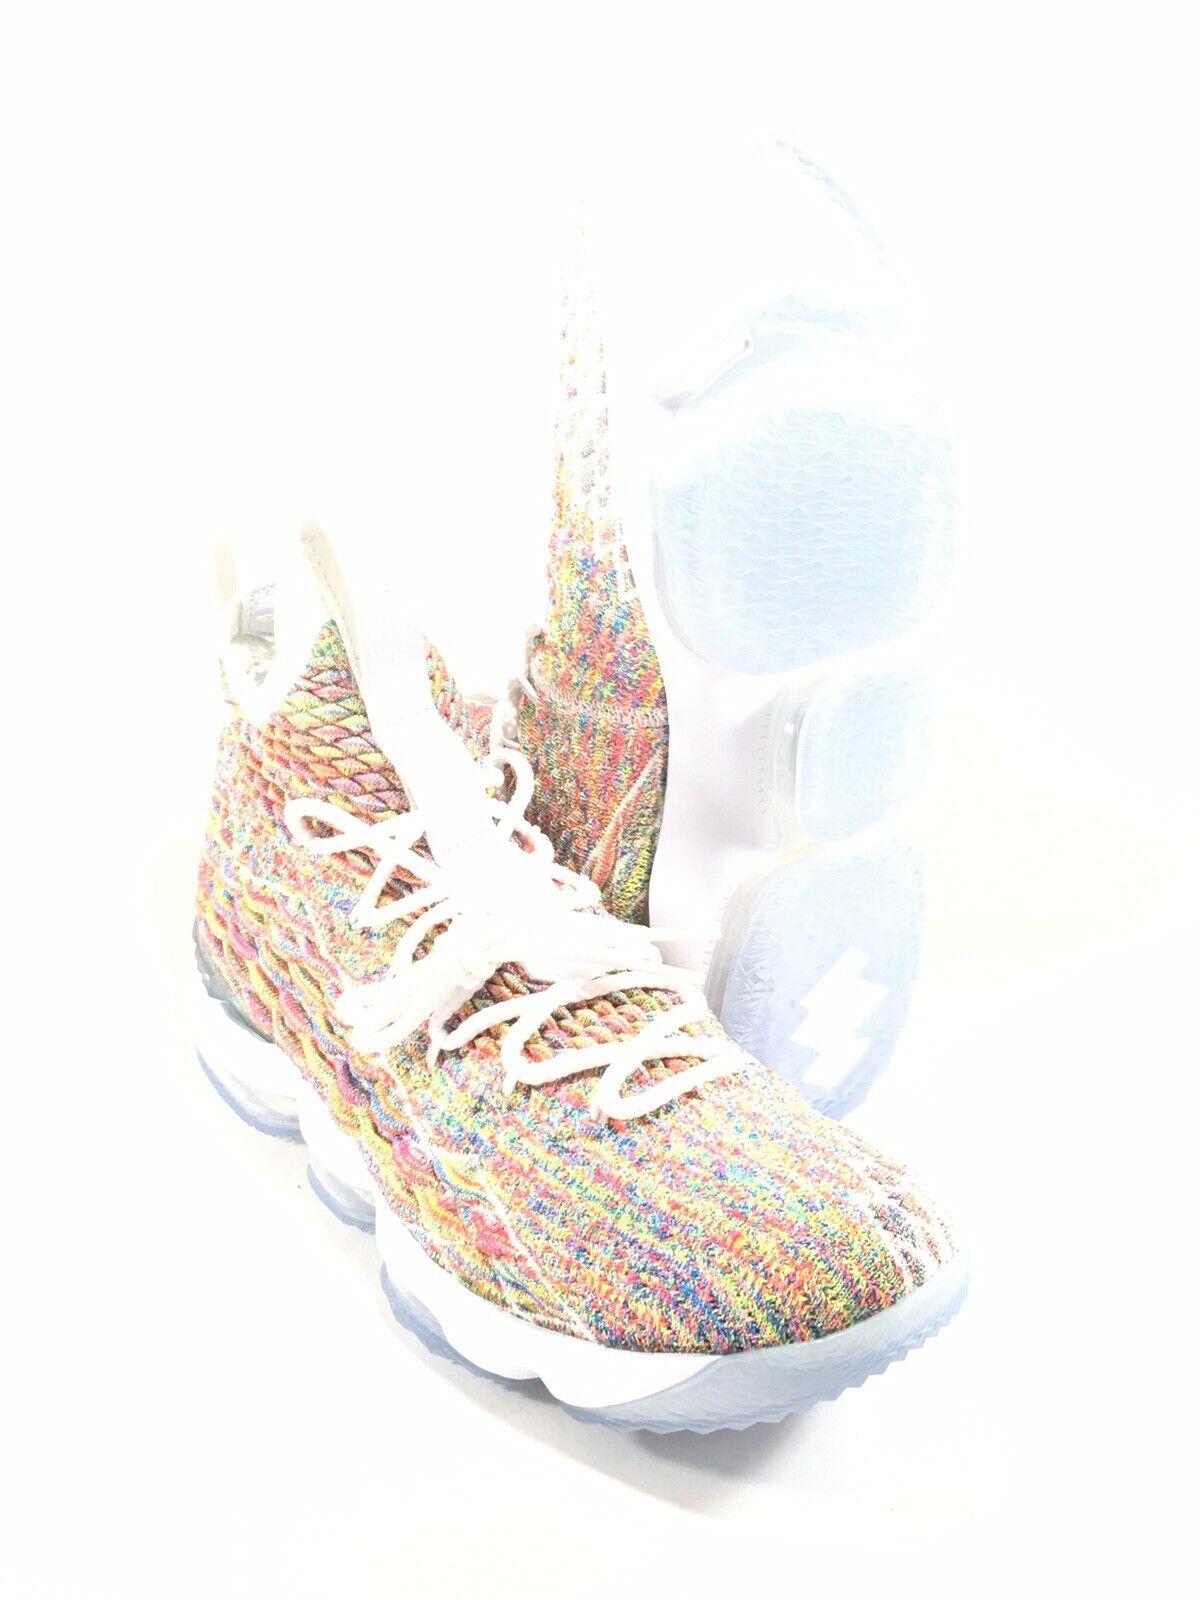 bf068e52c839 Nike Lebron XV XV XV 15 Fruitty Pebbles 897648-900 Men s size 9.5 US ...